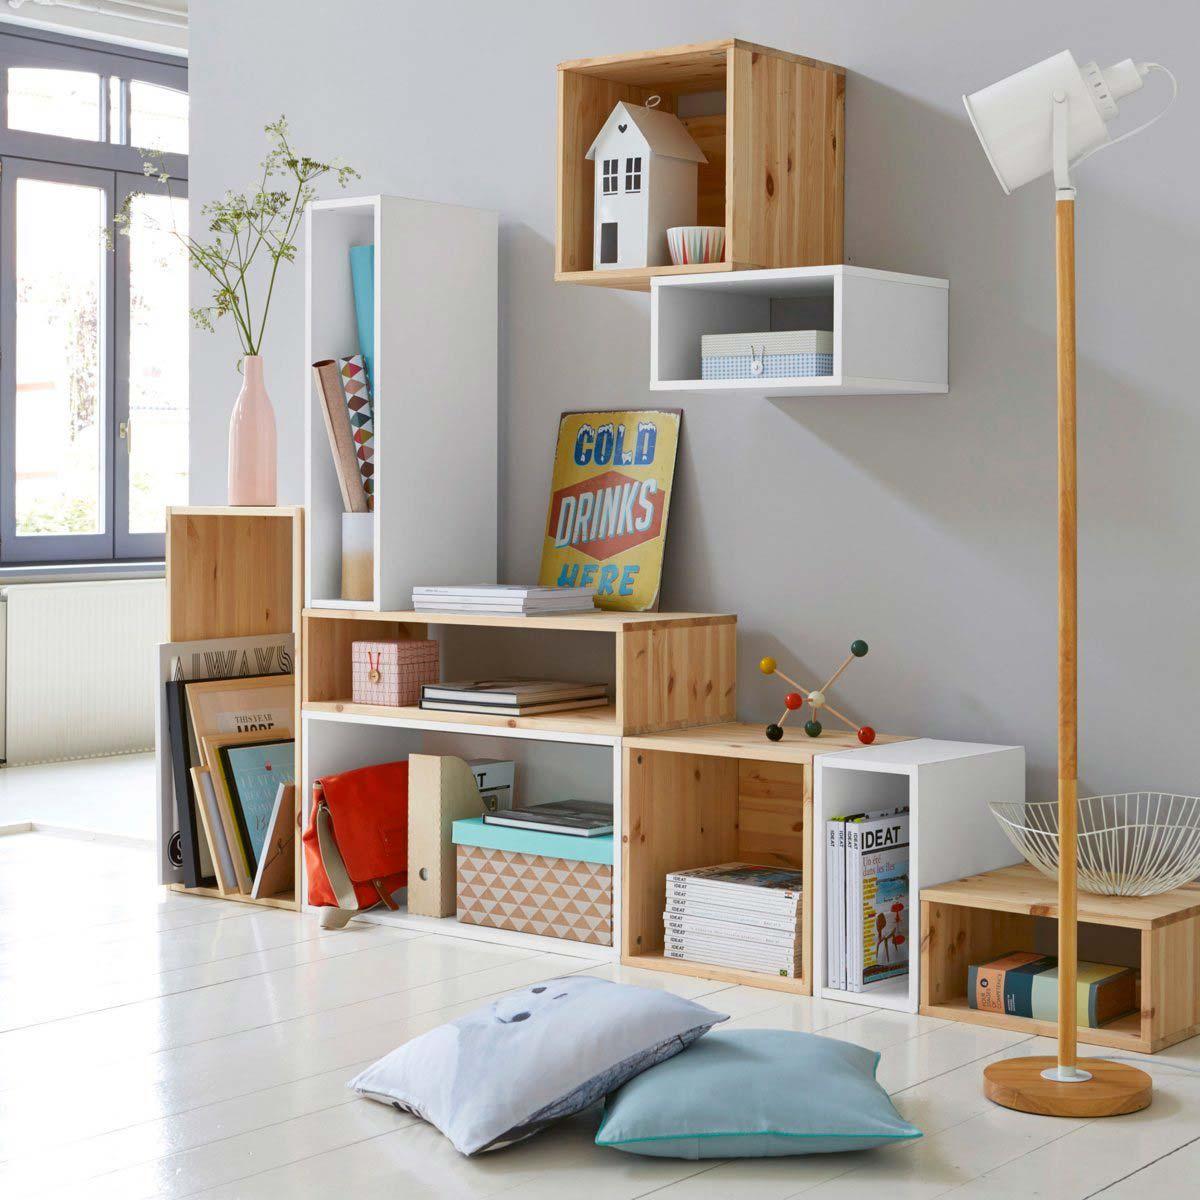 11 Cool Home Office Ideas For Men: Étagère Modulable La Redoute En Bois Et Bois Blanc